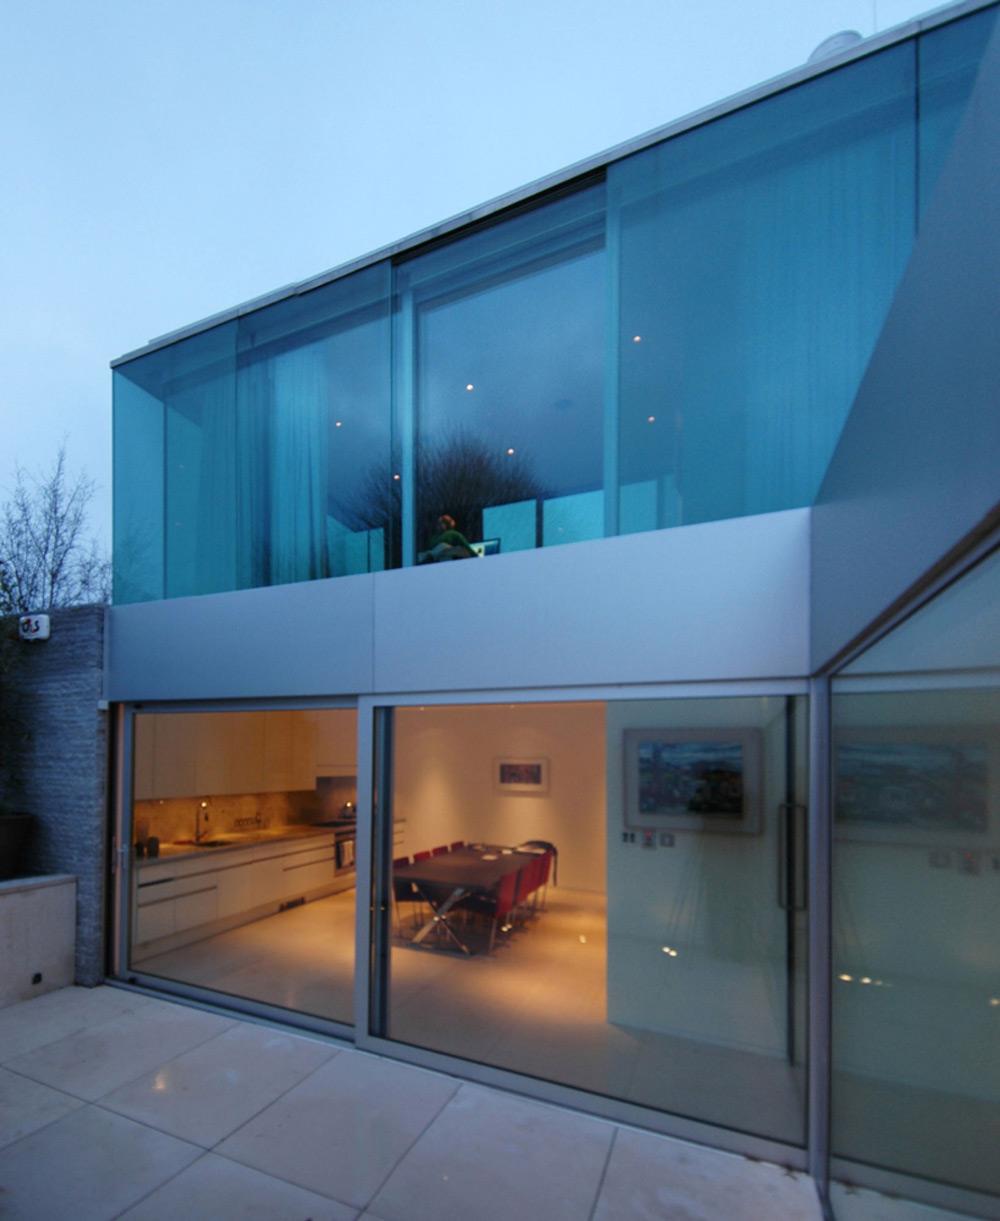 Terrace, Patio Doors, Burren House in Dublin, Ireland by Níall McLaughlin Architects